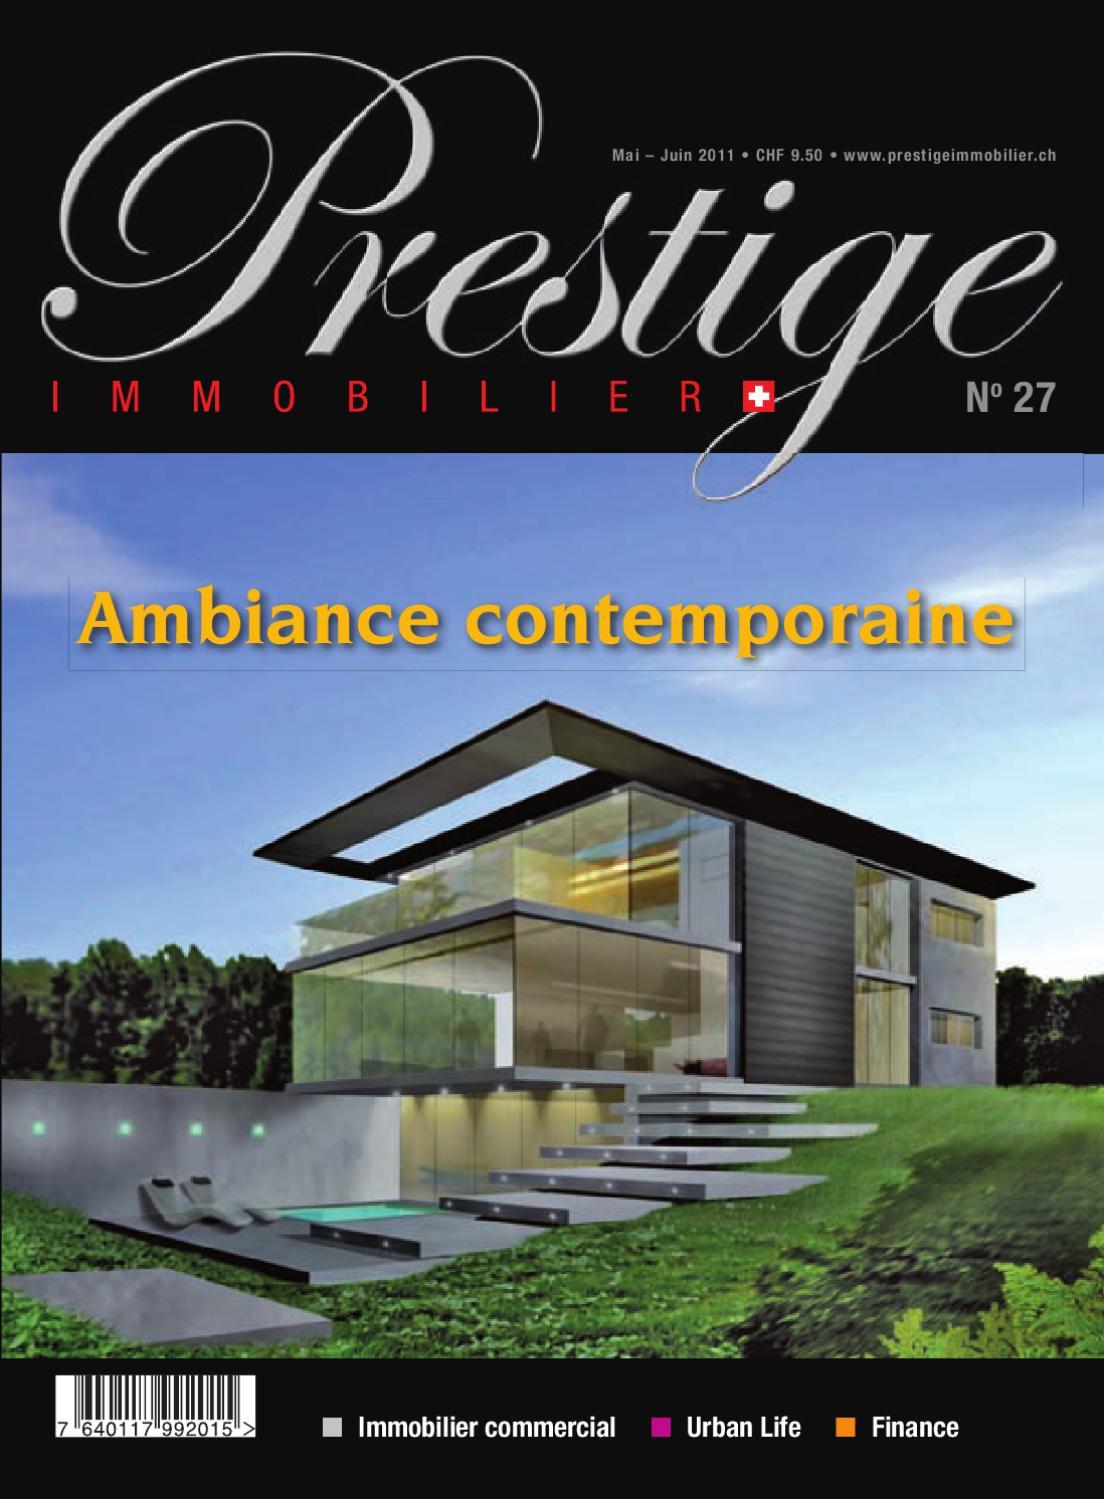 27 Plurality Presse Prestige immobilier Prestige by n° CsdBtQrxh